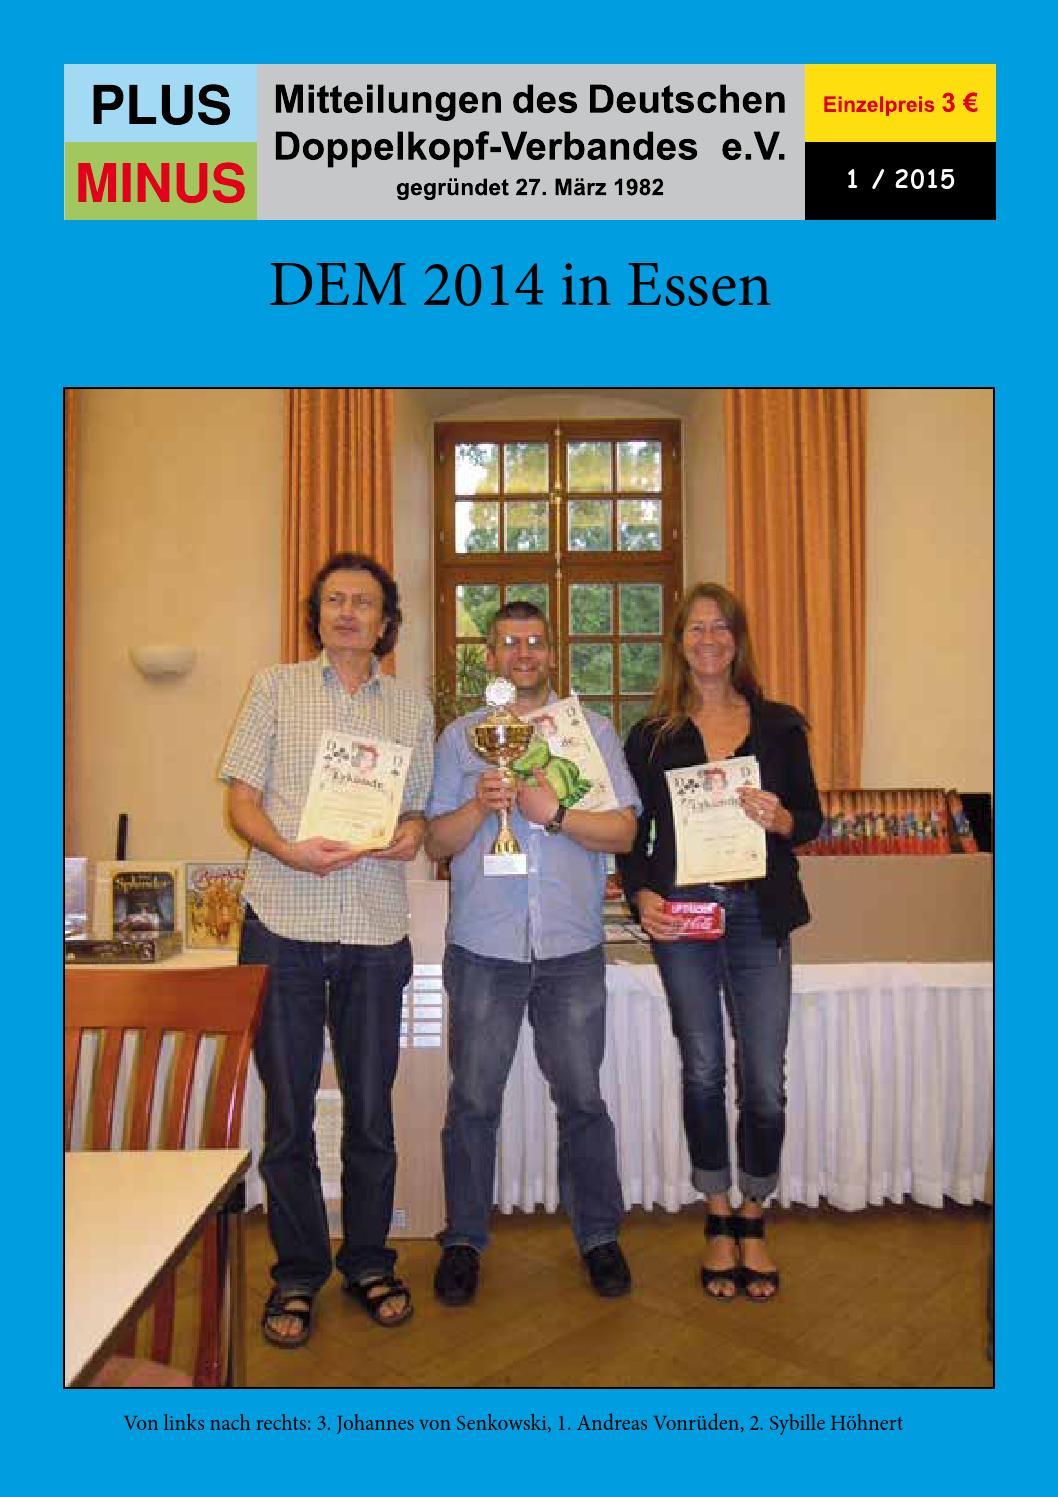 pm ausgabe 2015-01 by ddv2014